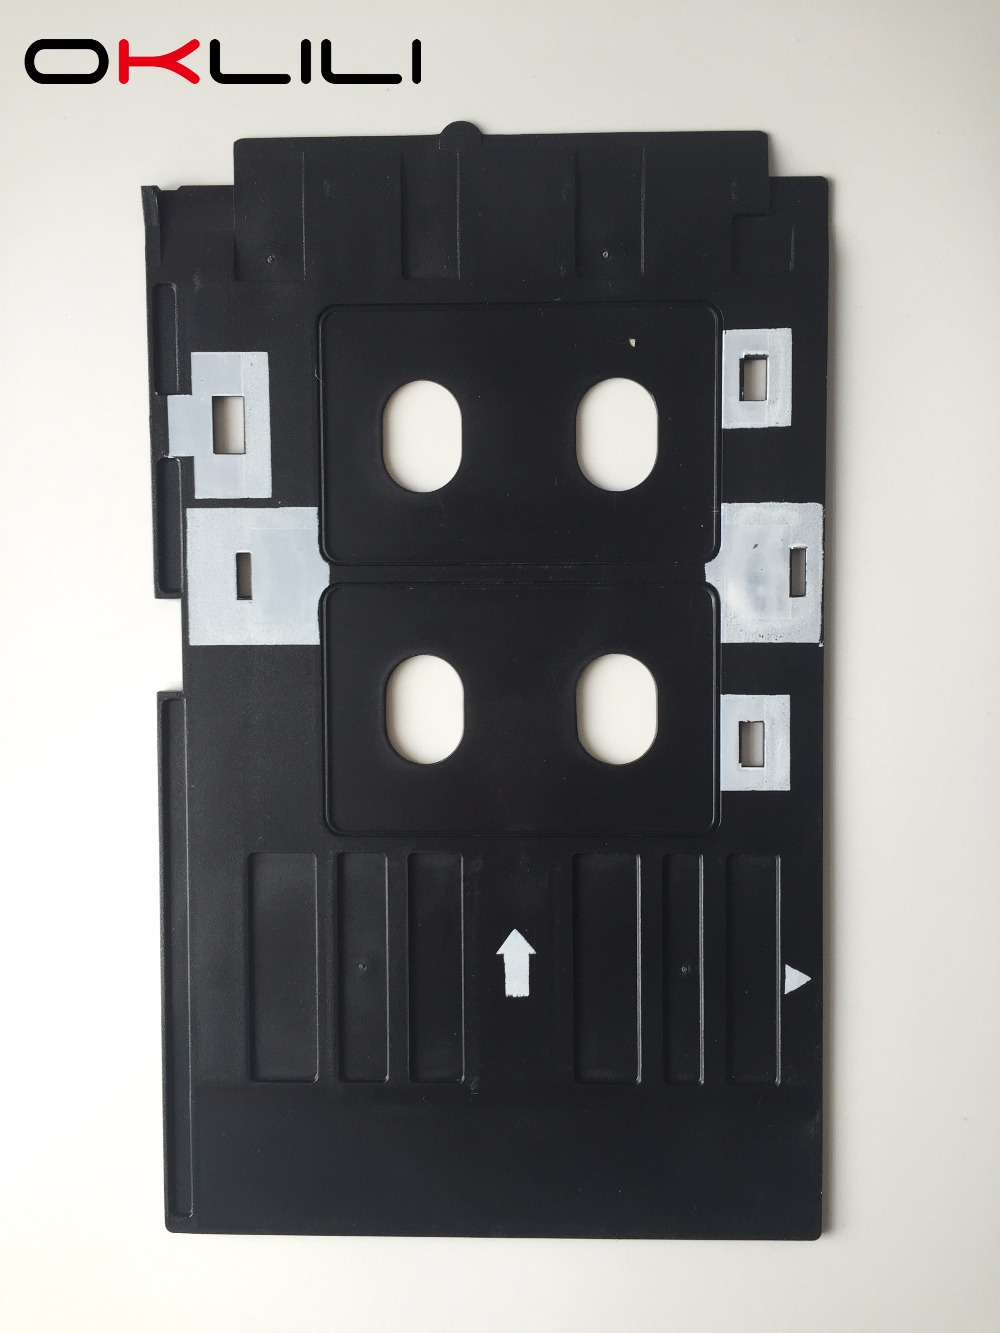 Лоток для листівок із ПВХ Пластикова картка Лоток для друку для Epson R260 R265 R270 R280 R290 R380 R390 RX680 T50 T60 A50 P50 L800 L801 R330